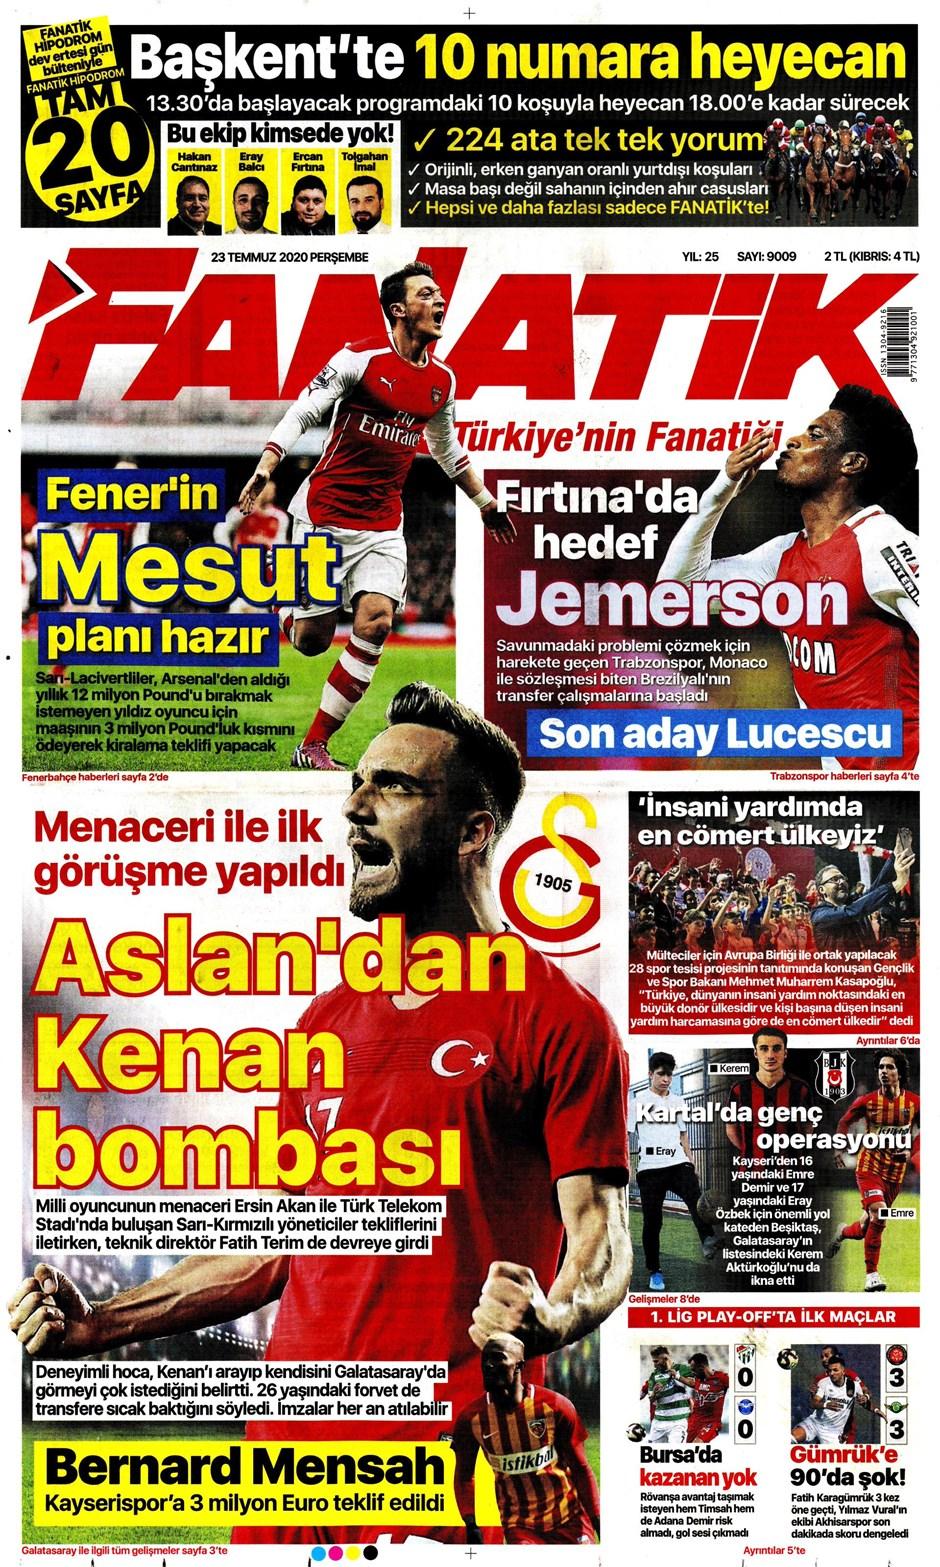 İşte 23 Temmuz günün spor manşetleri! Haftanın önemli spor gelişmeleri 13